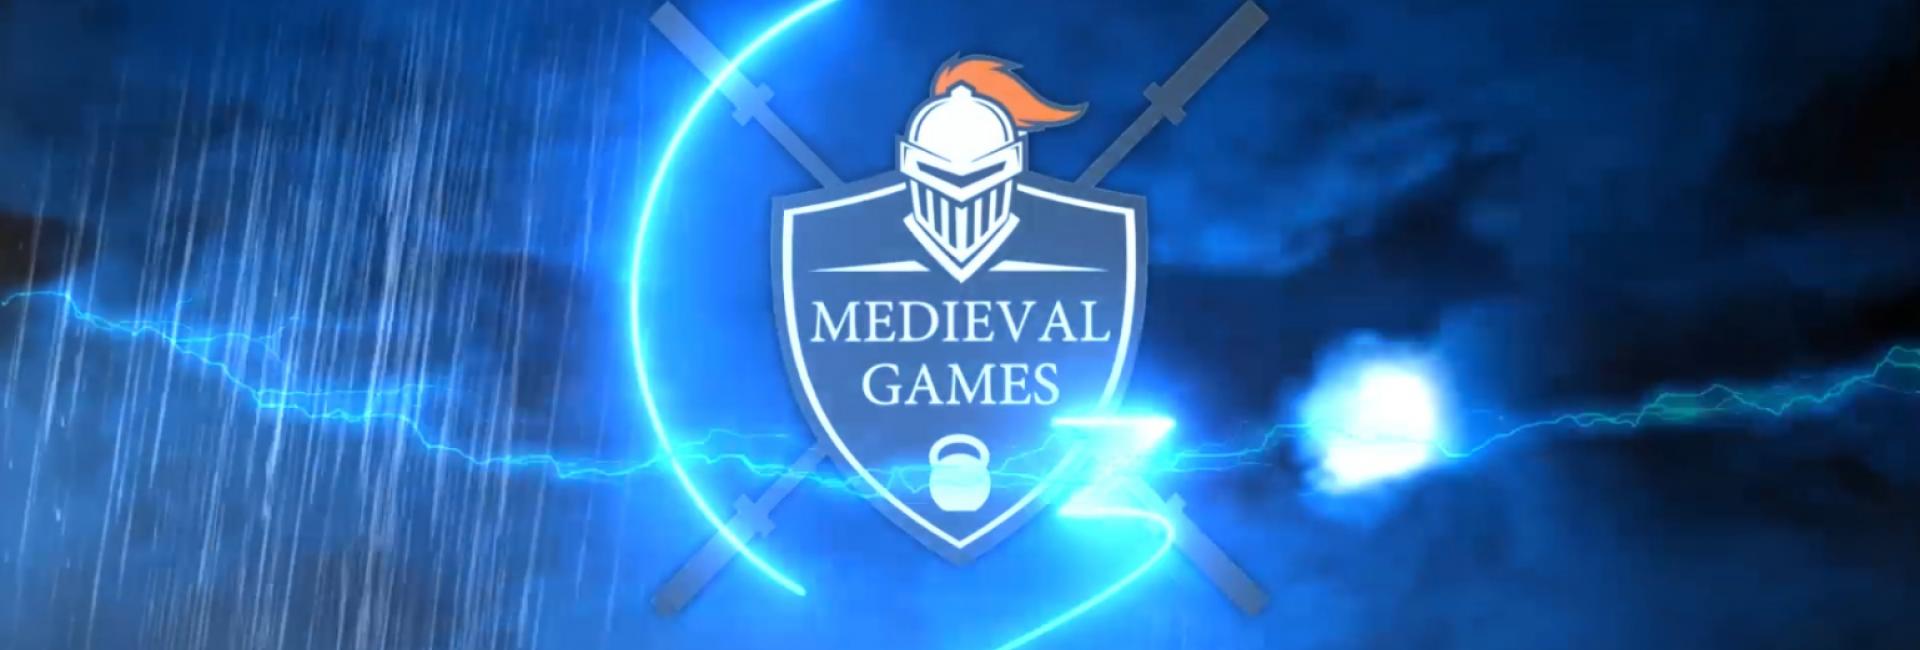 Medieval Games 2019 - package